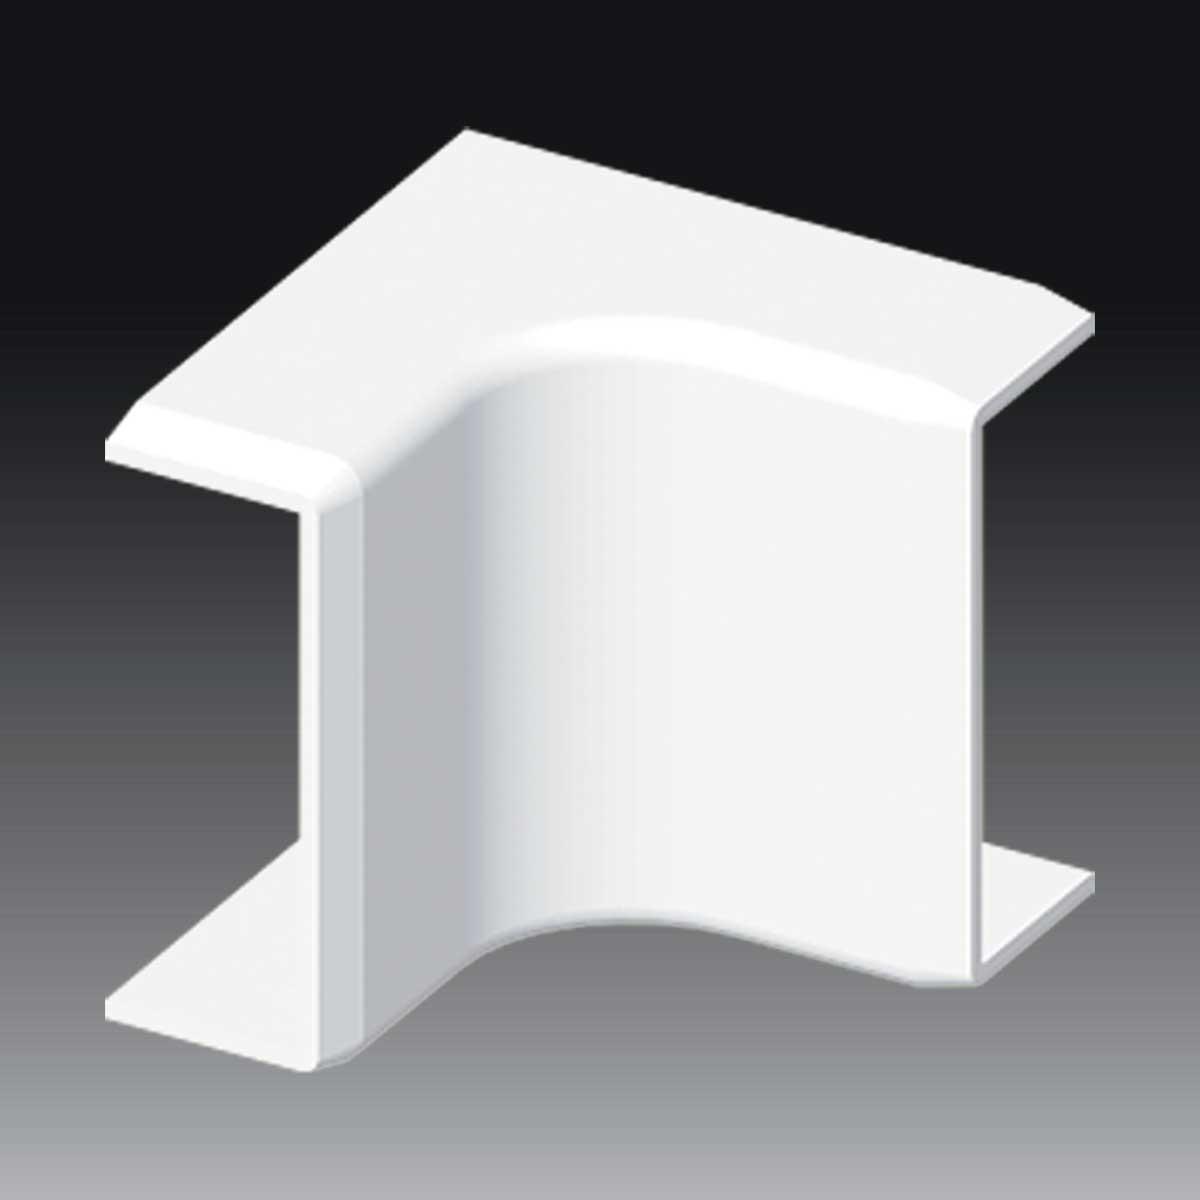 Кут внутрішній для LV 40х15 білого кольору; Серія LV; ПВХ